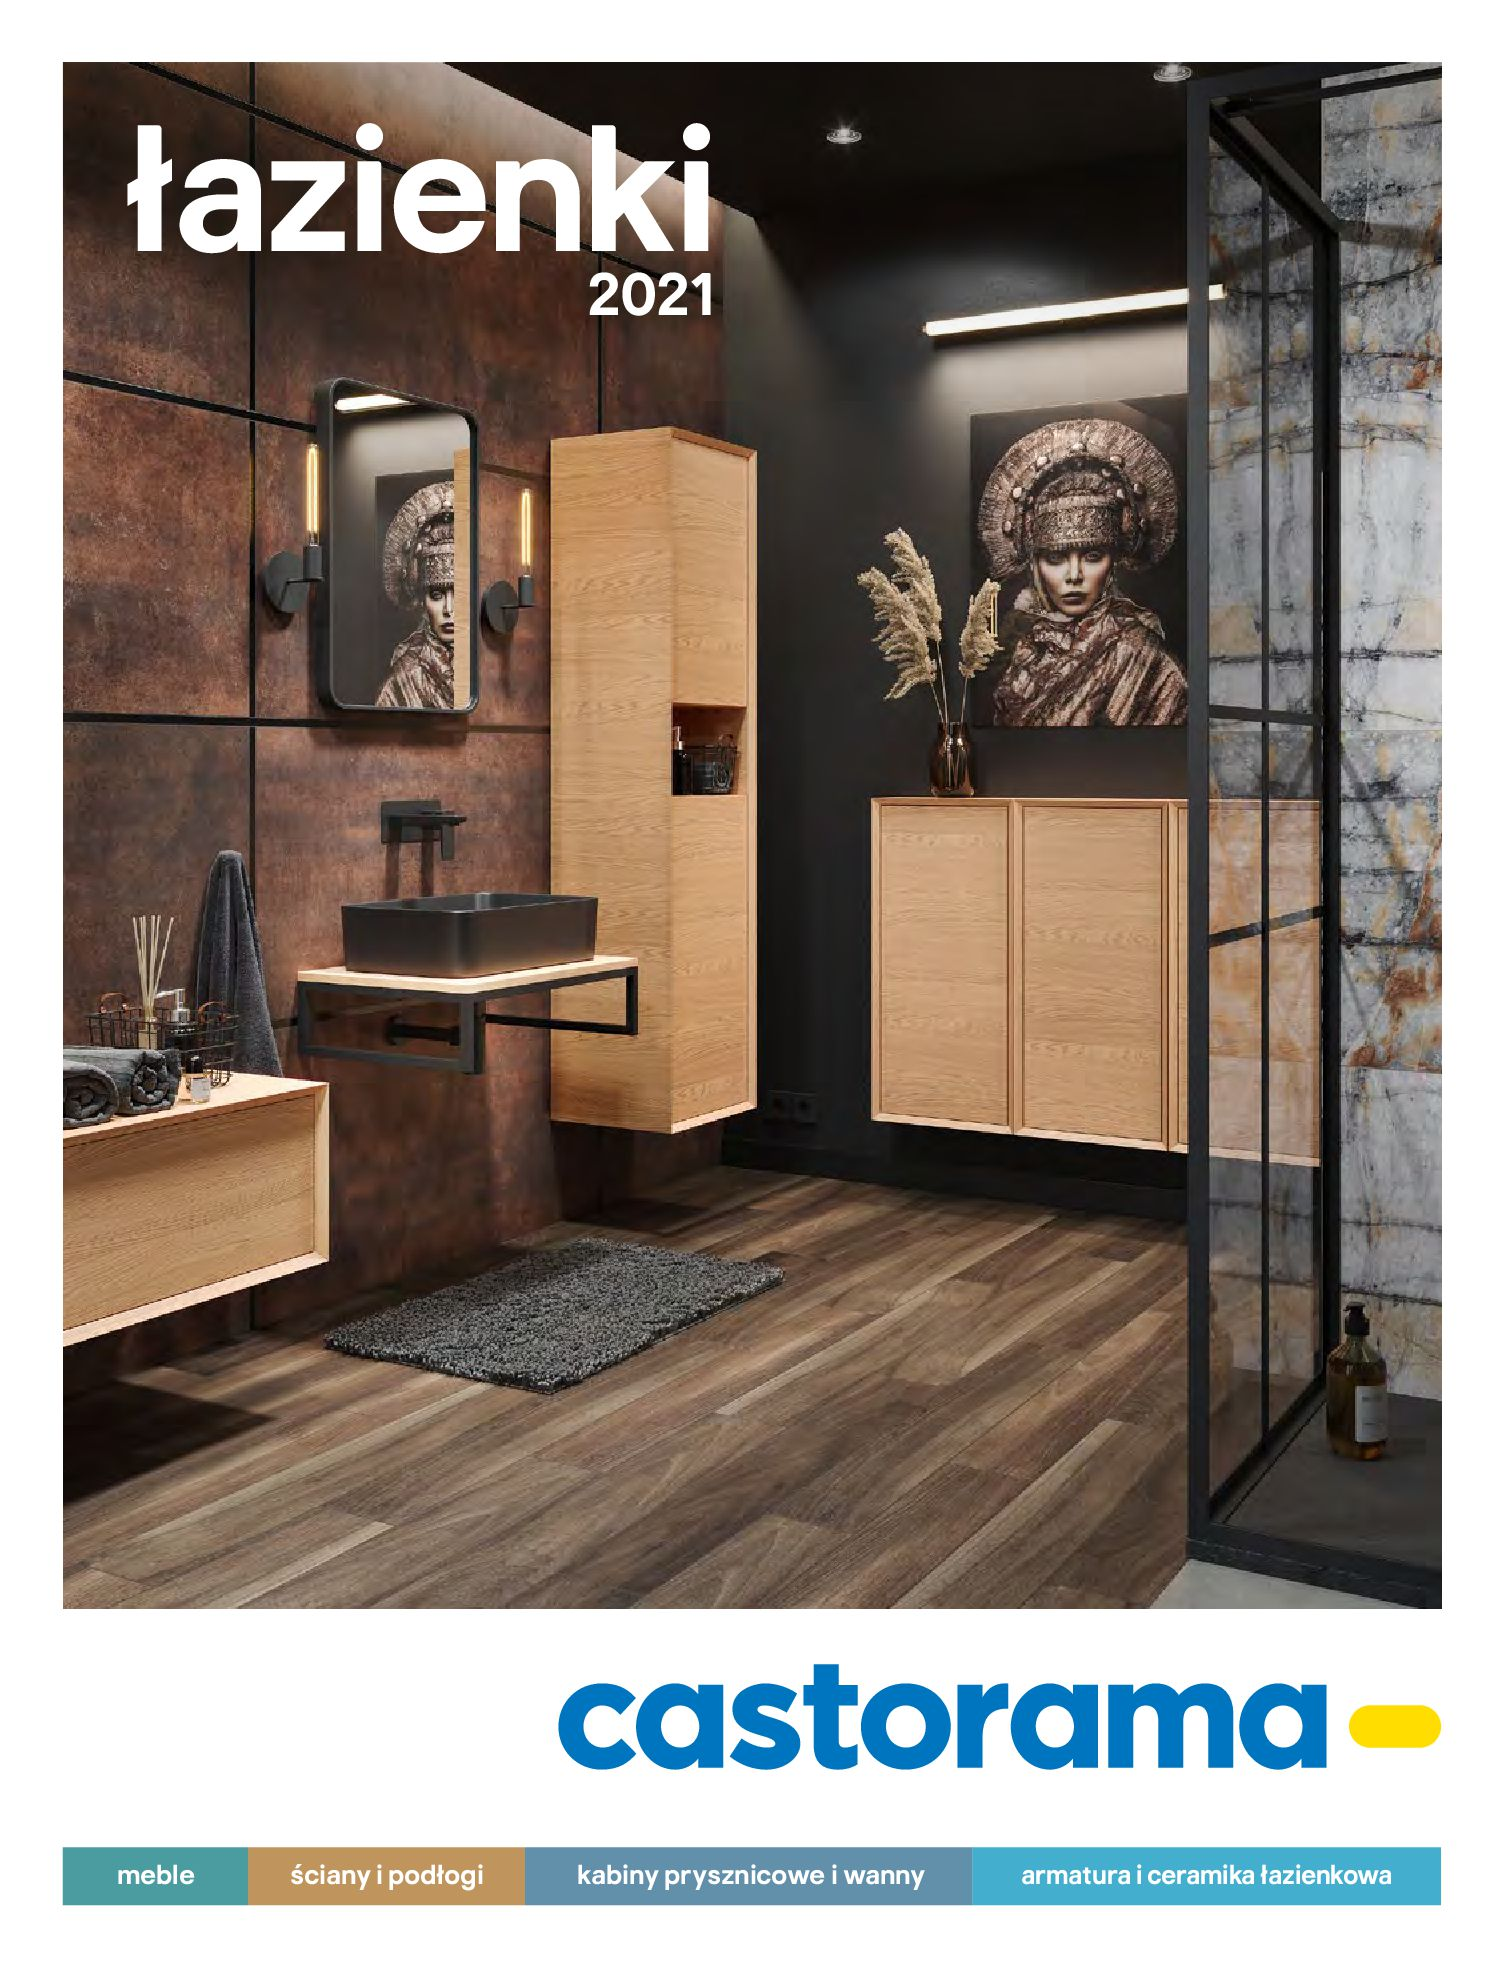 Gazetka Castorama: Gazetka Castorama - katalog łazienki 2021 2021-06-16 page-1